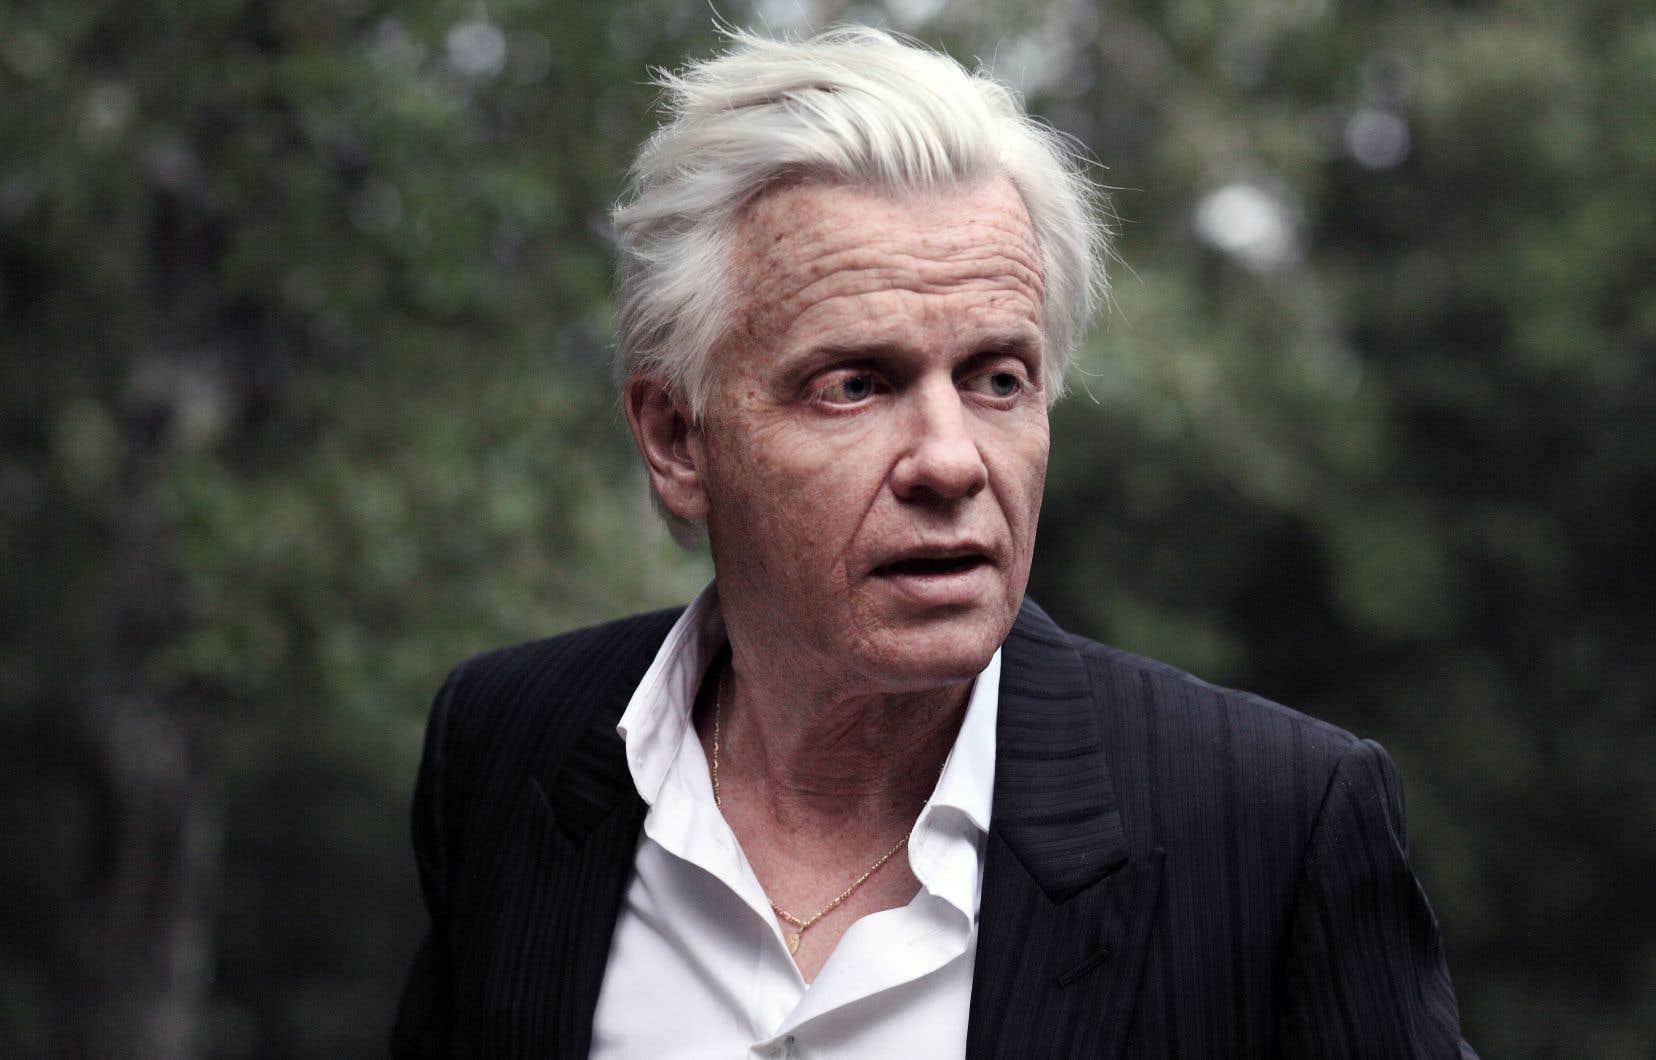 Sous son maquillage vieillissant hyperréaliste, Alex Lutz (40 ans) incarne Guy Jamet (74 ans).